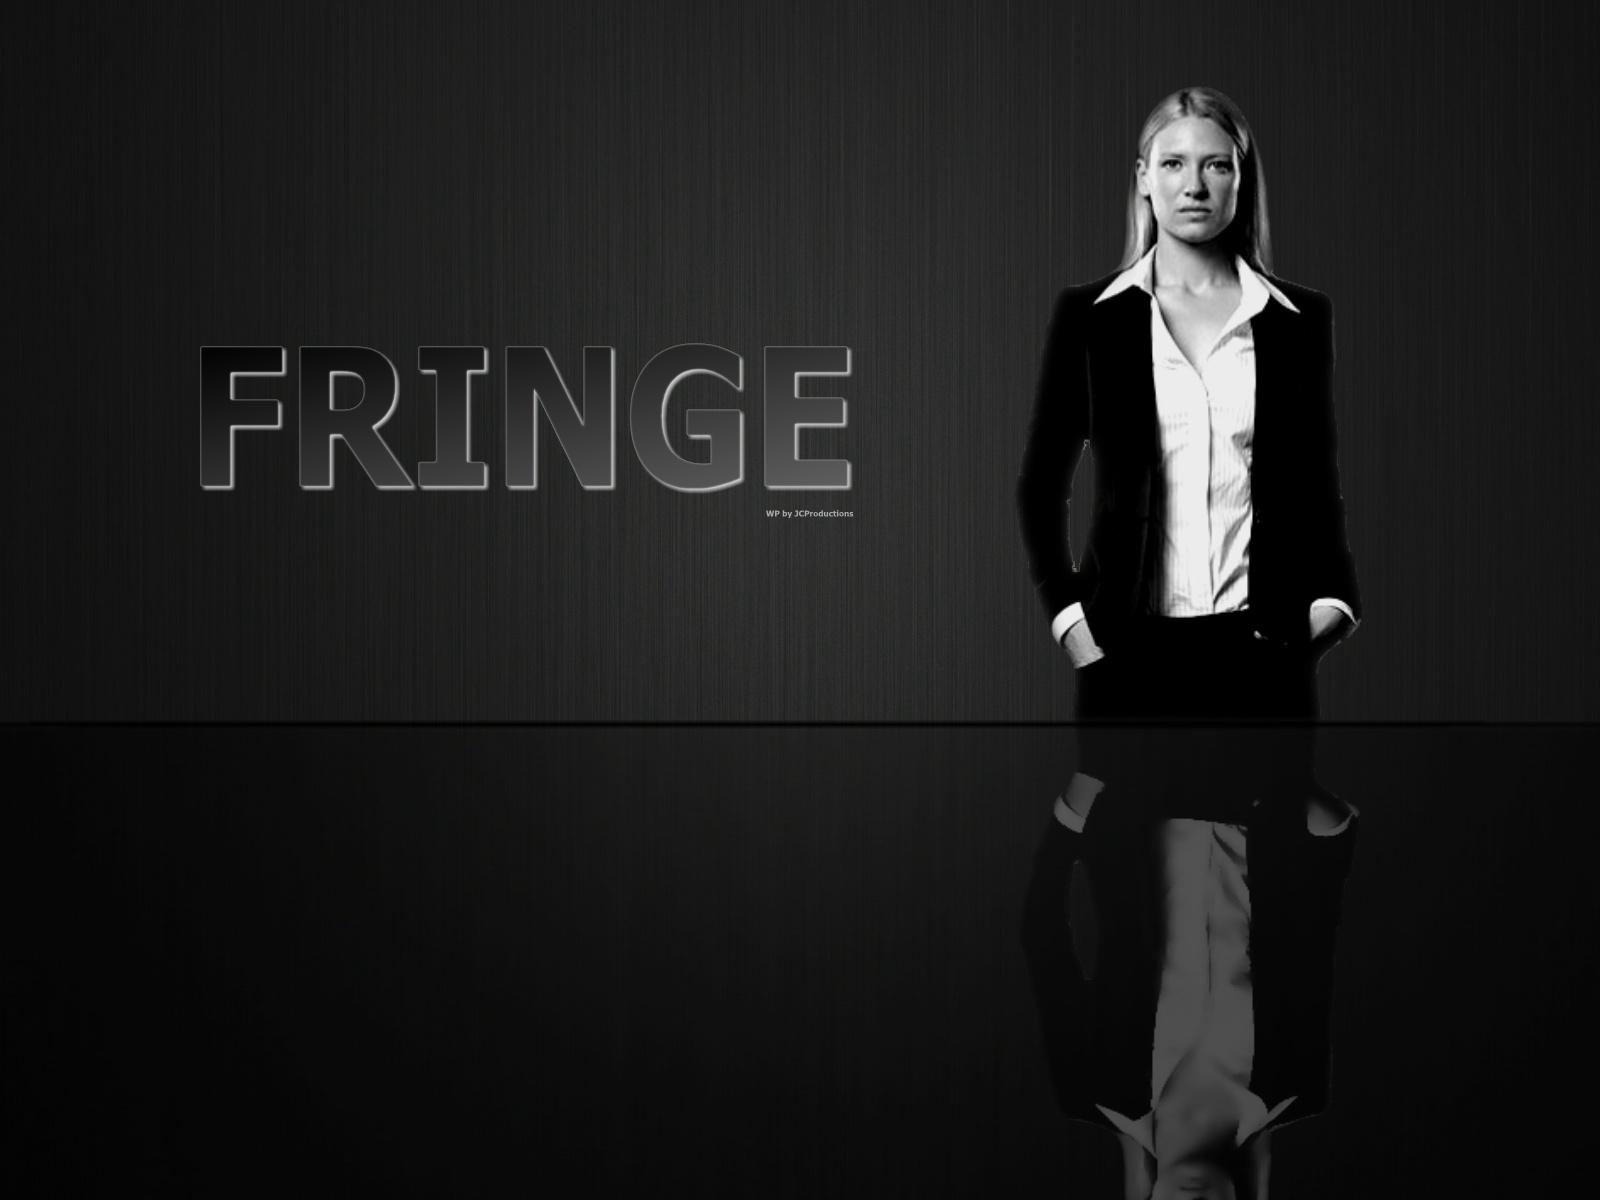 Download HQ fringe, anna torv, fringe wallpapers, olivia dunham, weird science, peter bishop, dunham, agent Fringe wallpaper / 1600x1200